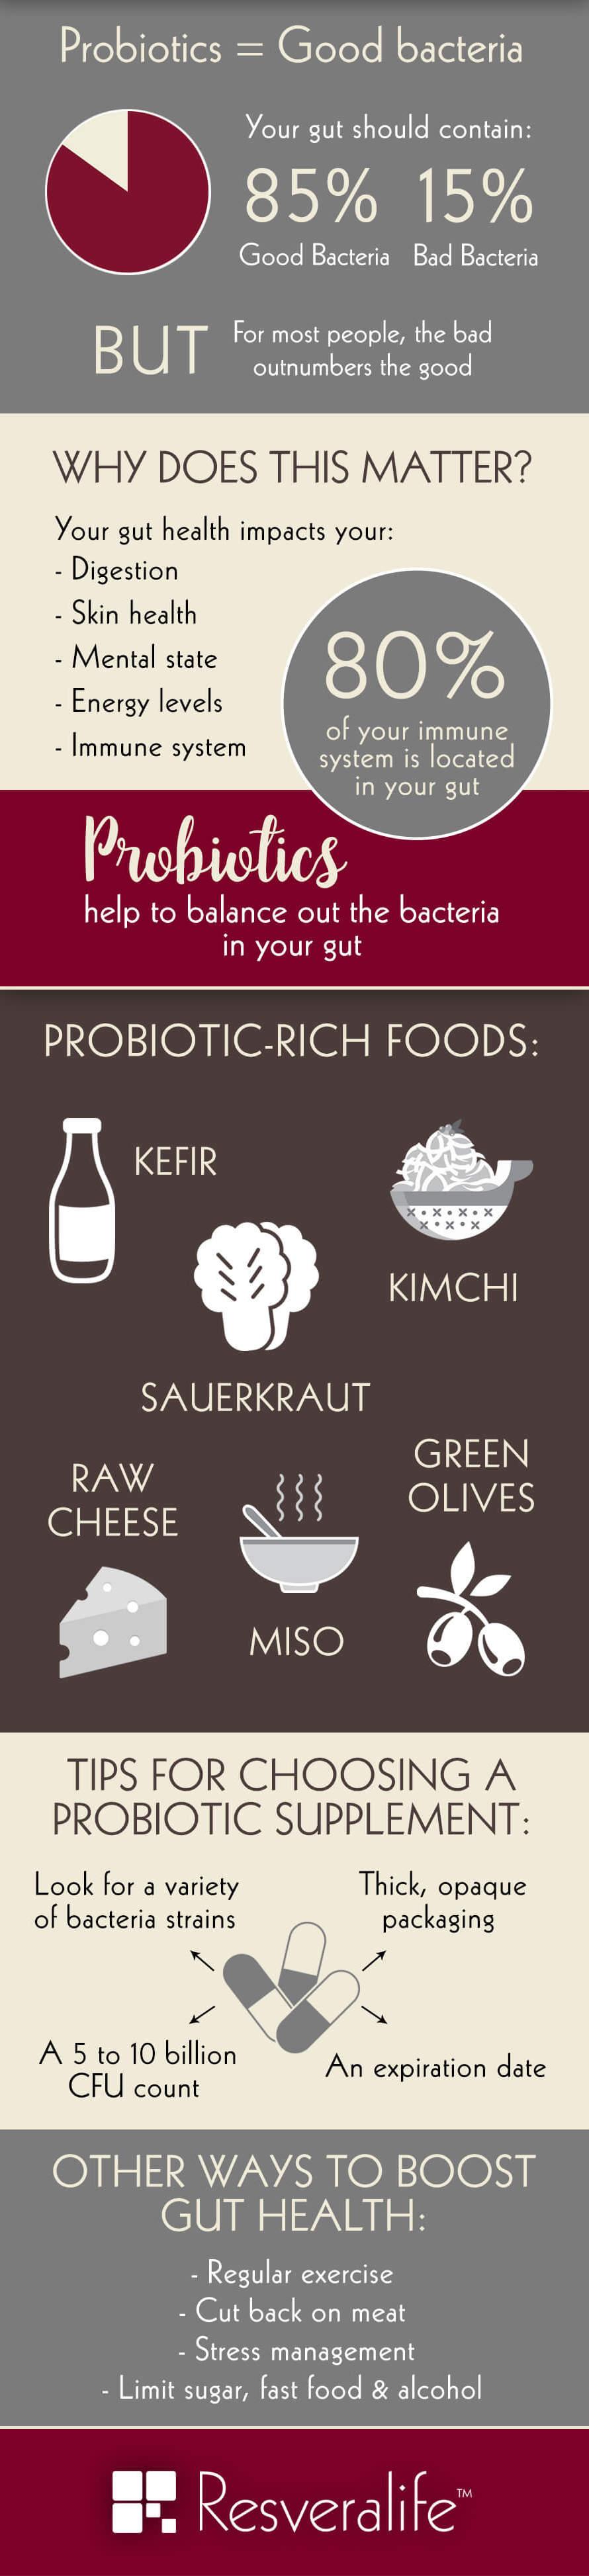 Infographic on probiotics